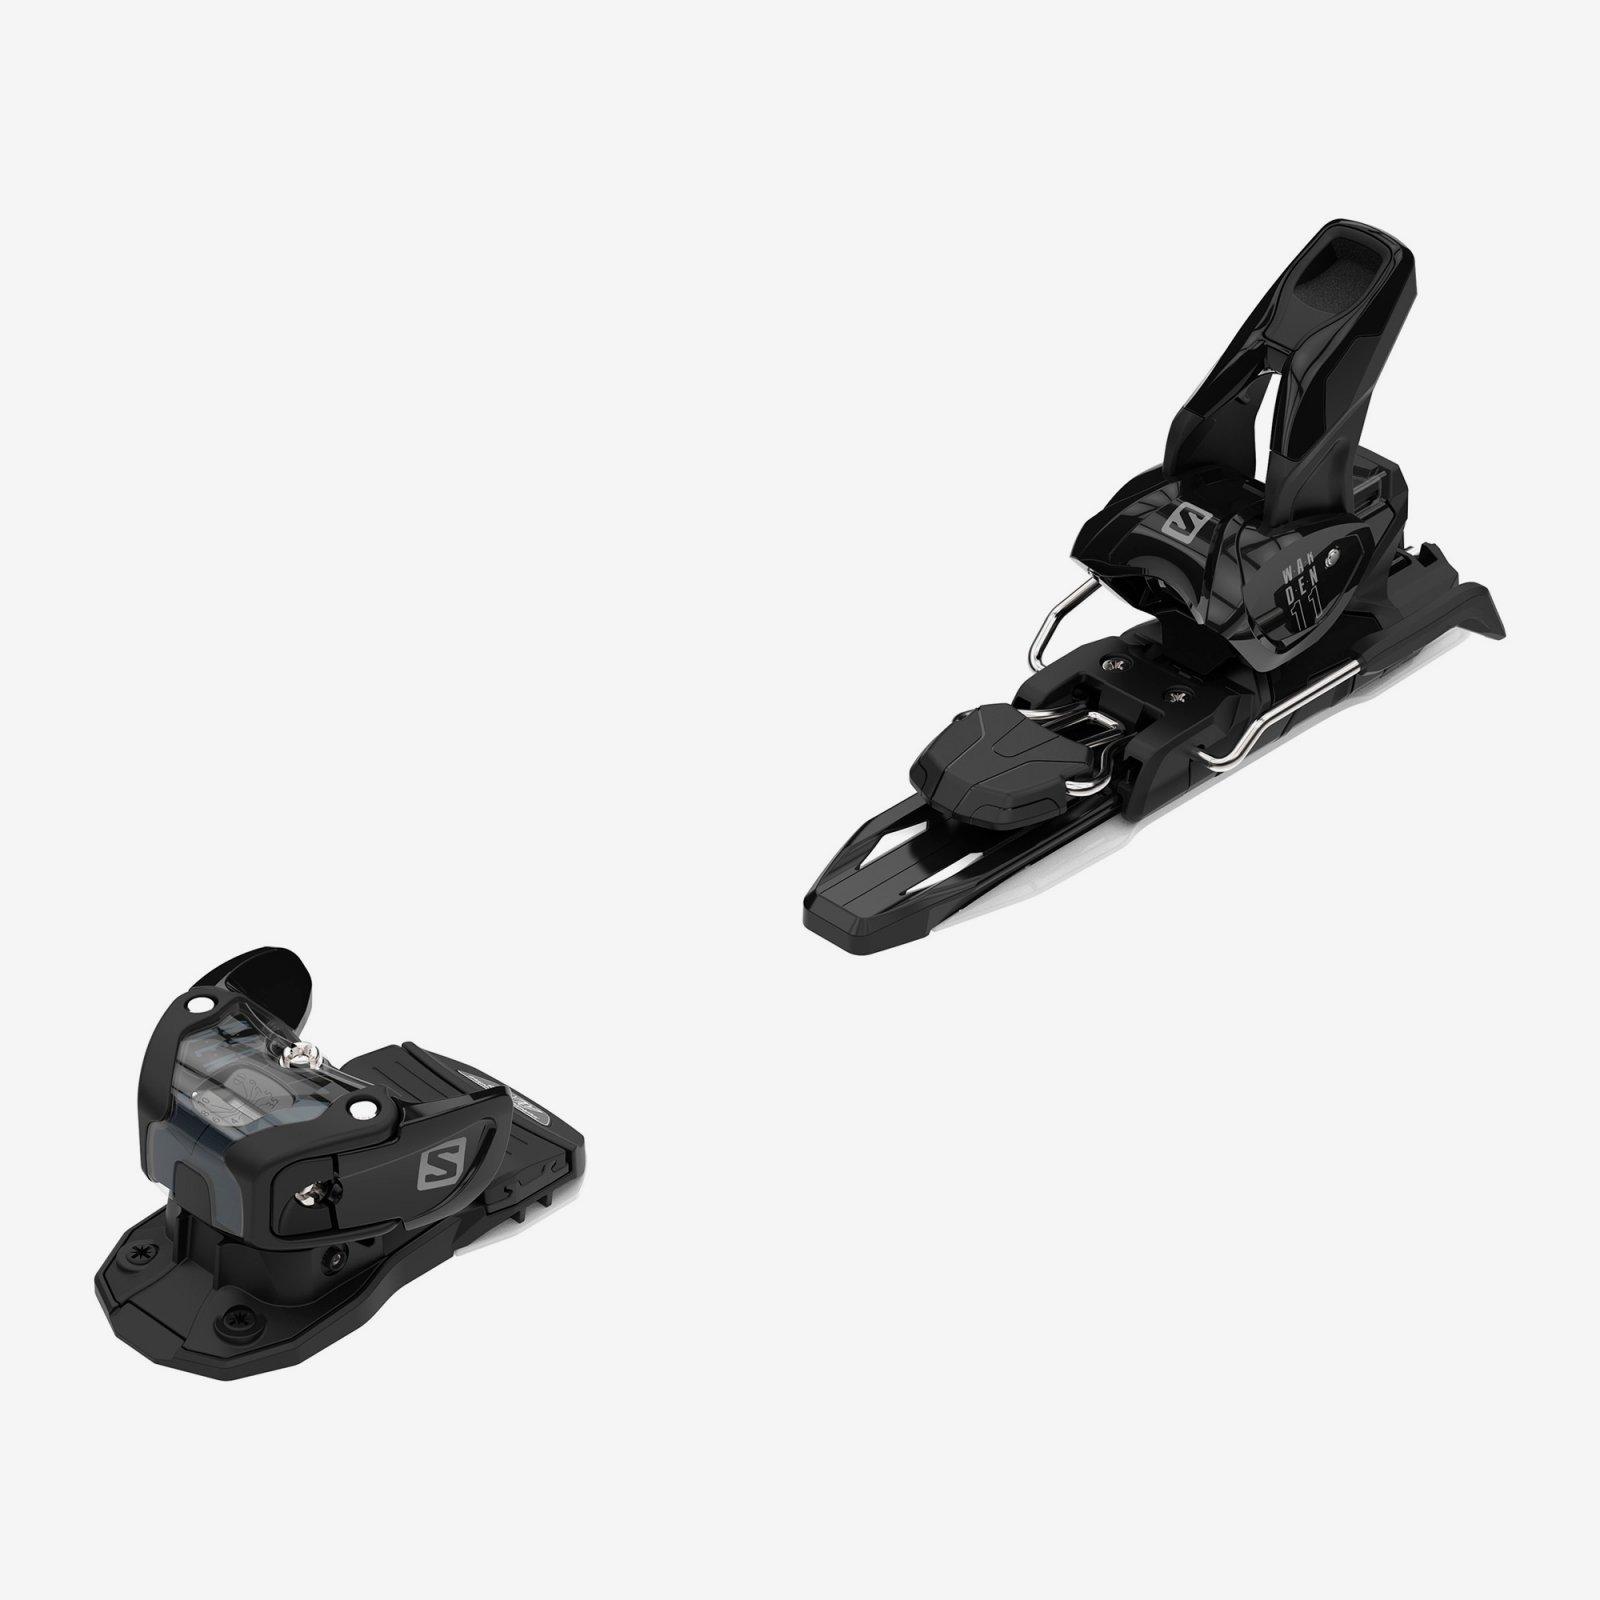 Salomon N Warden MNC 11 Ski Bindings 19/20